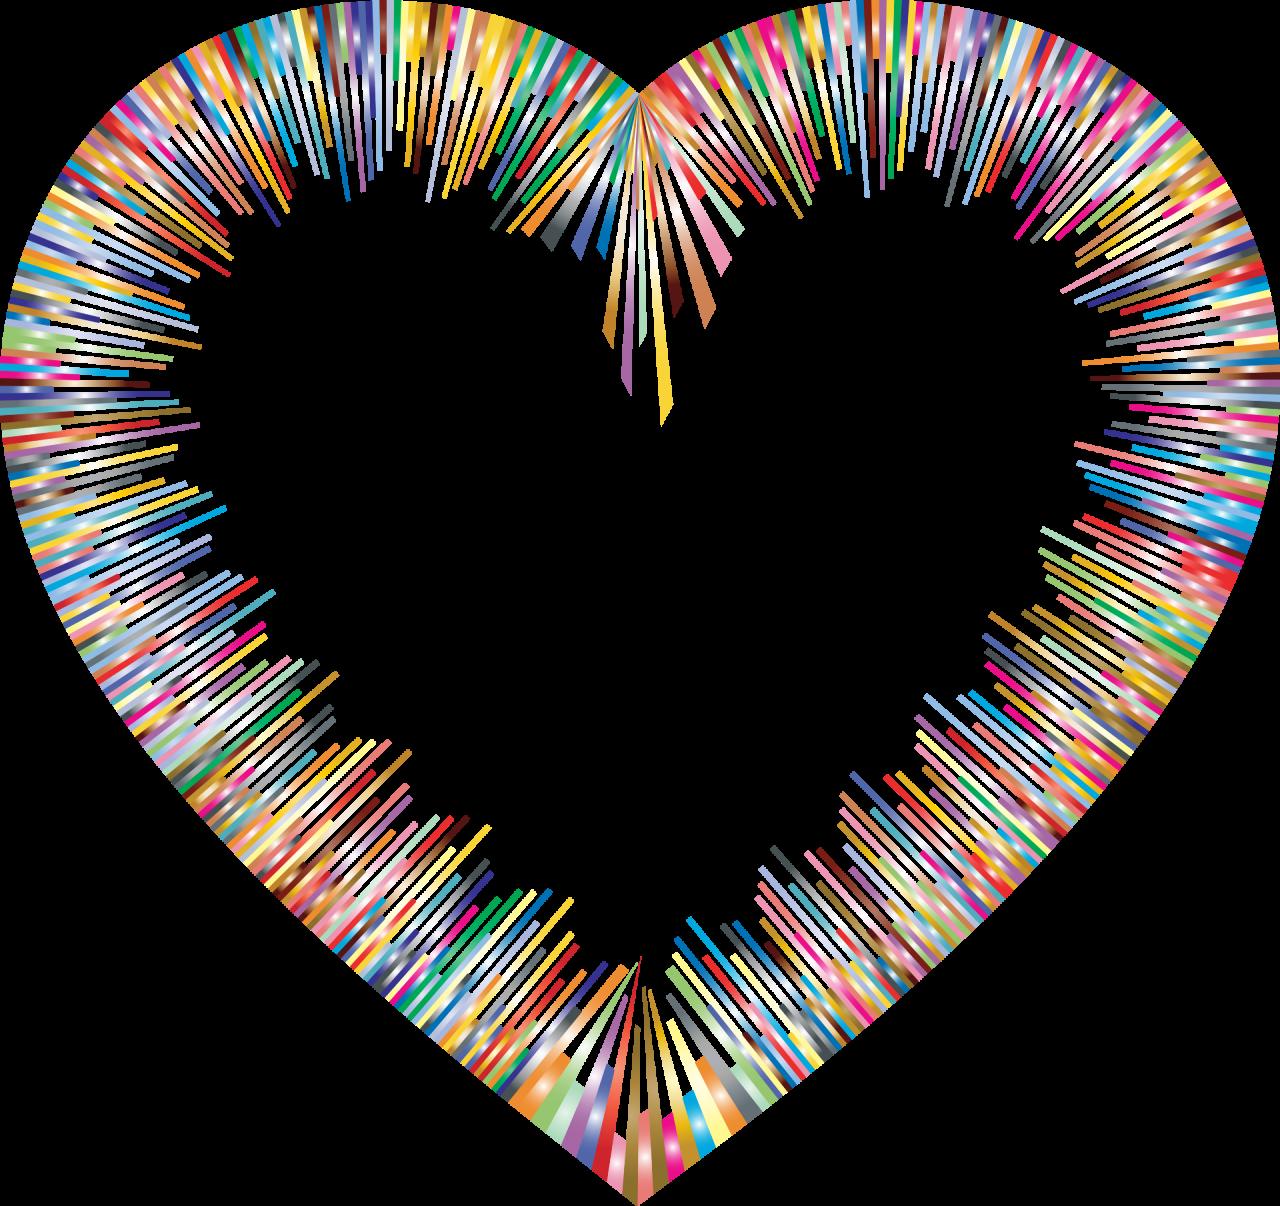 Color Spectrum Heart Shape PNG Image